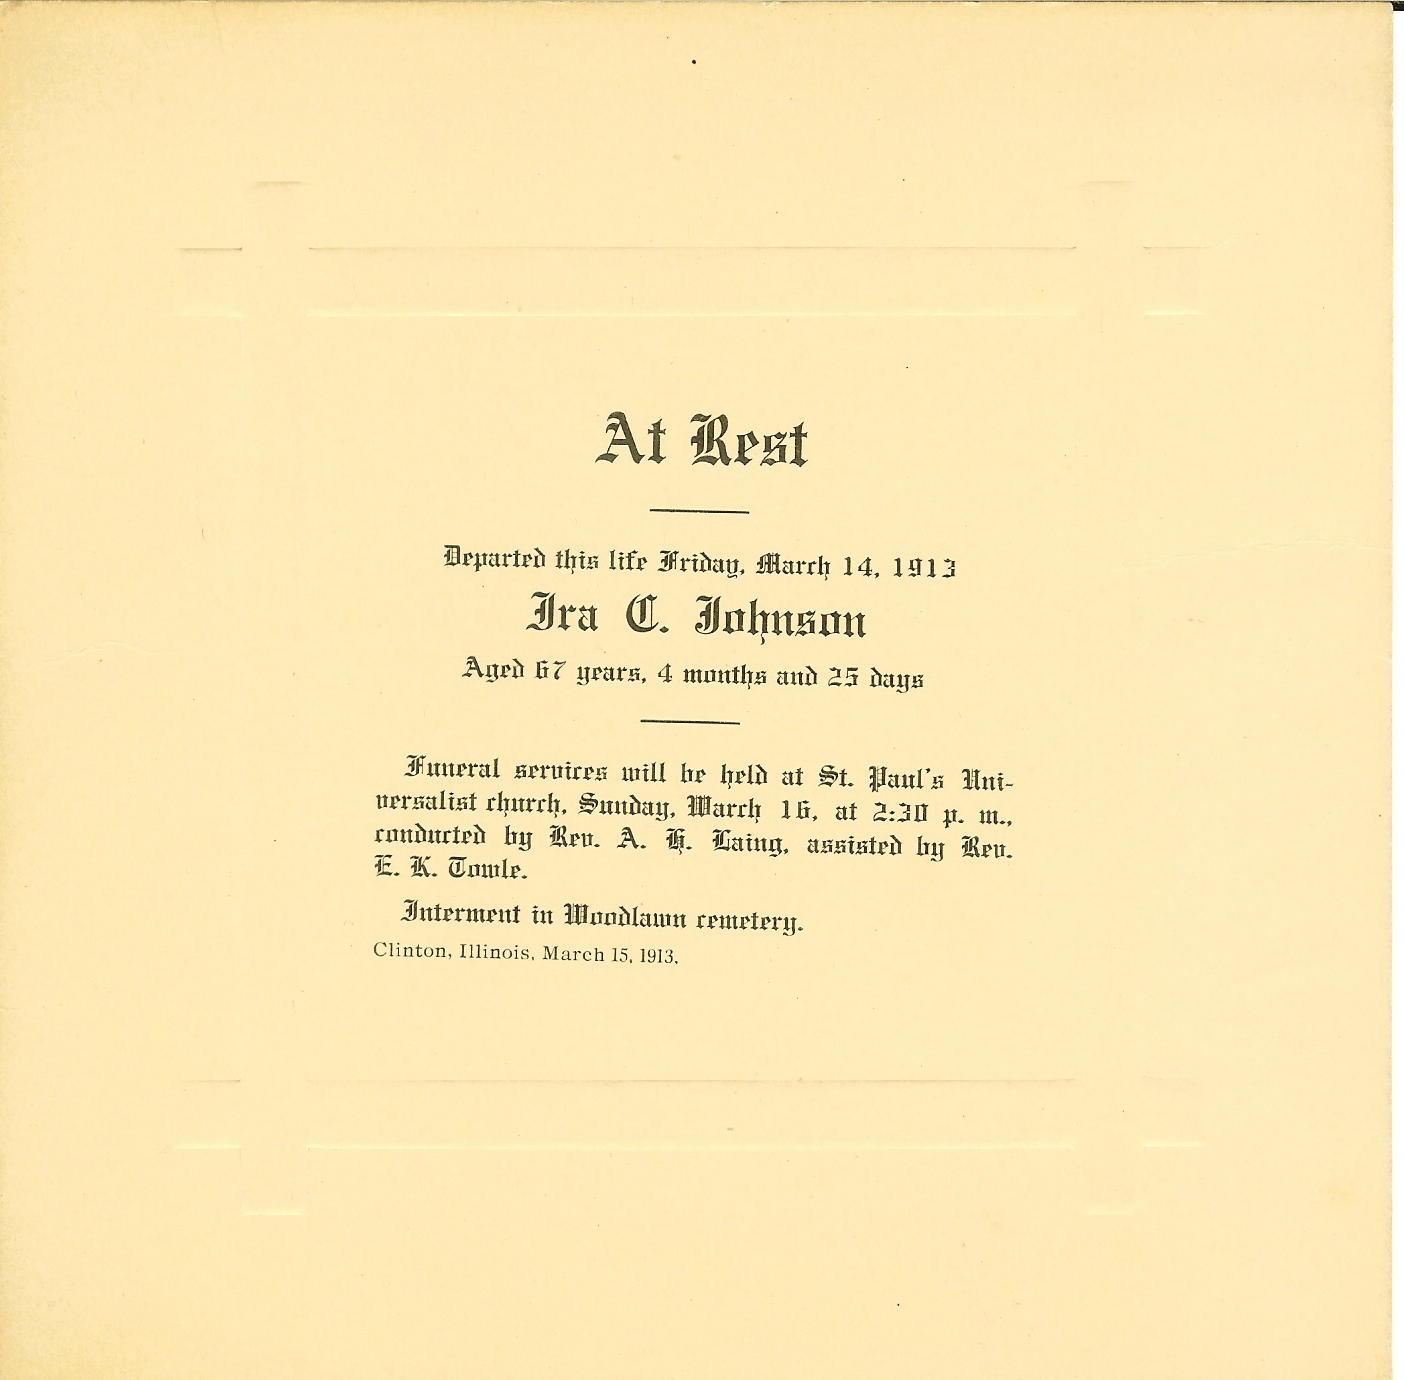 Ira C. Johnson